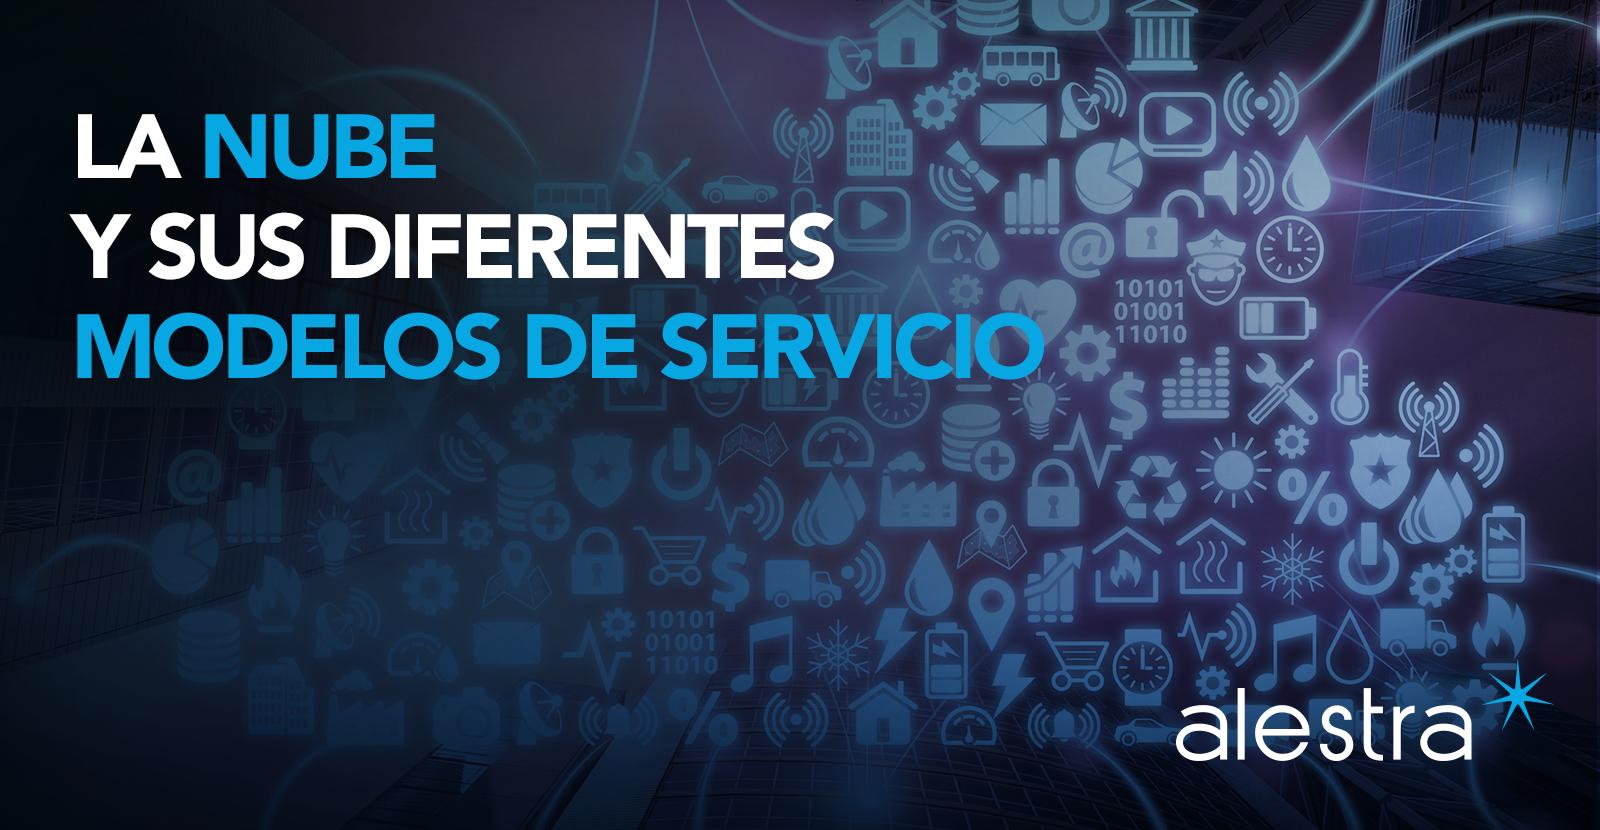 Nube-Modelos-Servicio.png